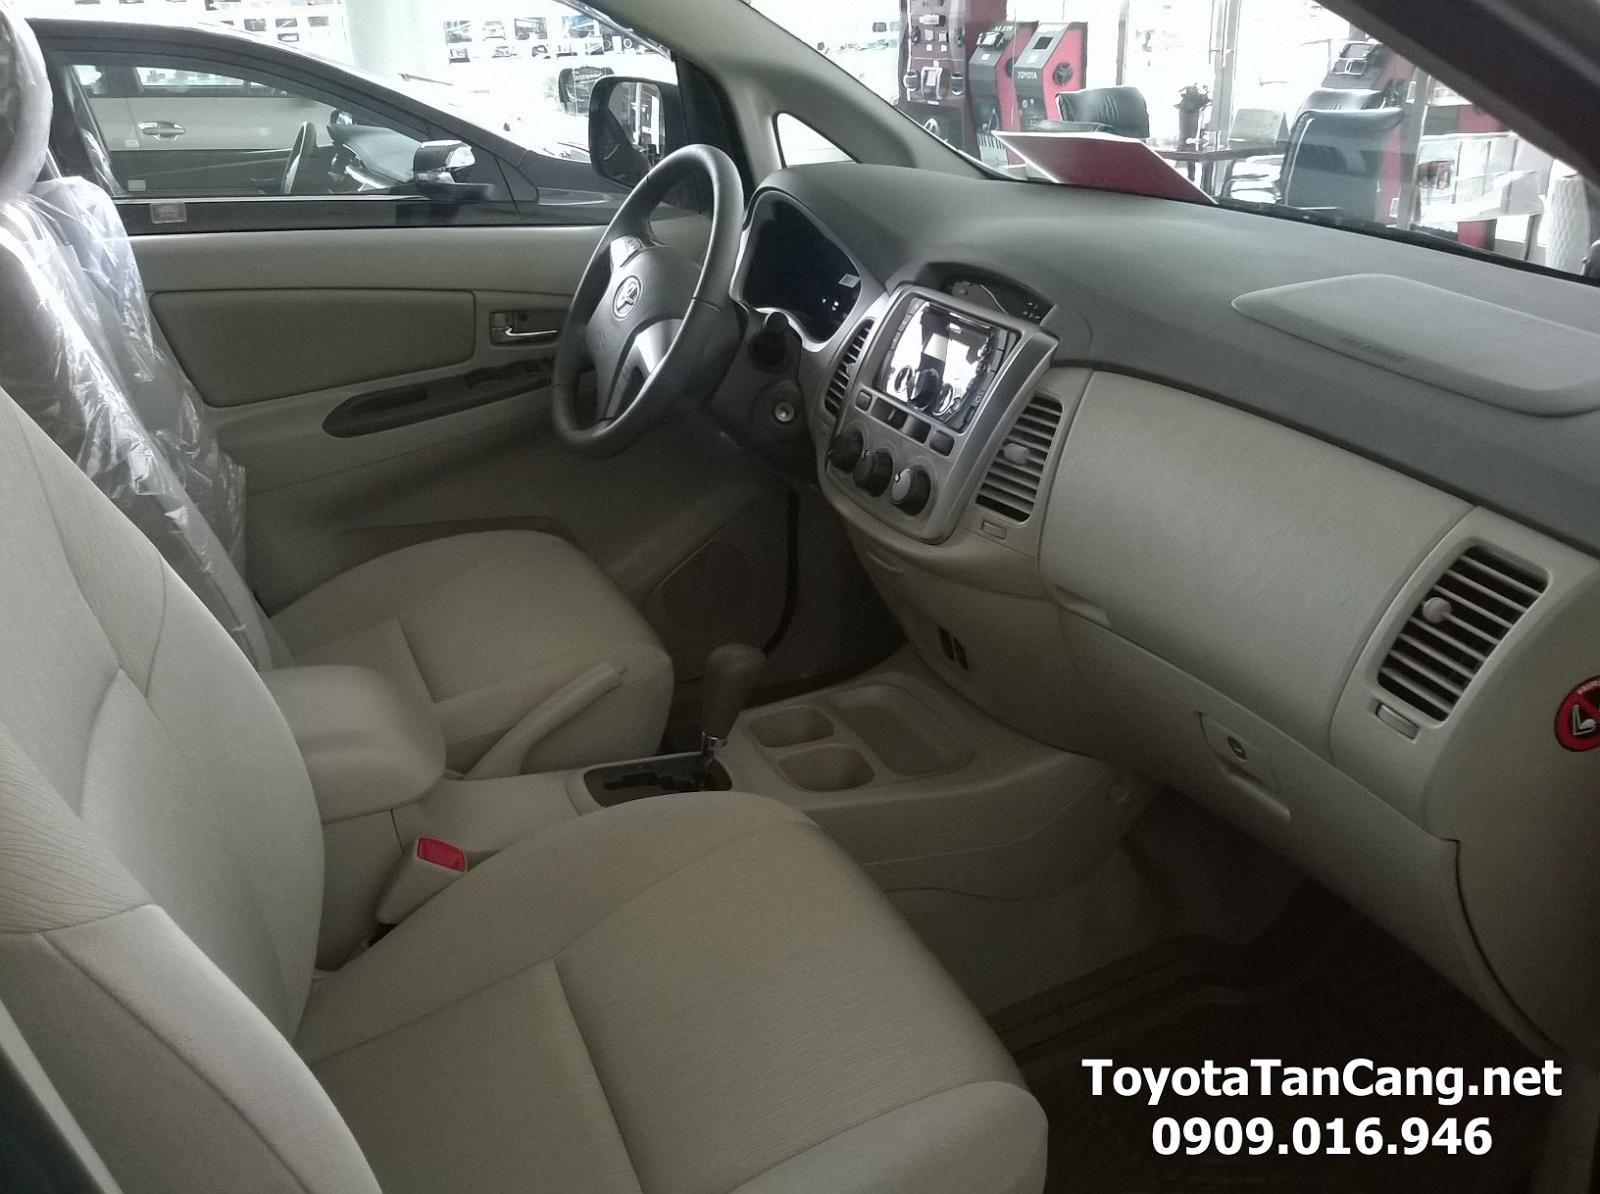 toyota innova g 2015 toyota tan cang 4 - Giá xe Toyota Innova 2016 sẽ sớm được Toyota Hùng Vương cập nhật từ ngày 18.07.2016 - Muaxegiatot.vn